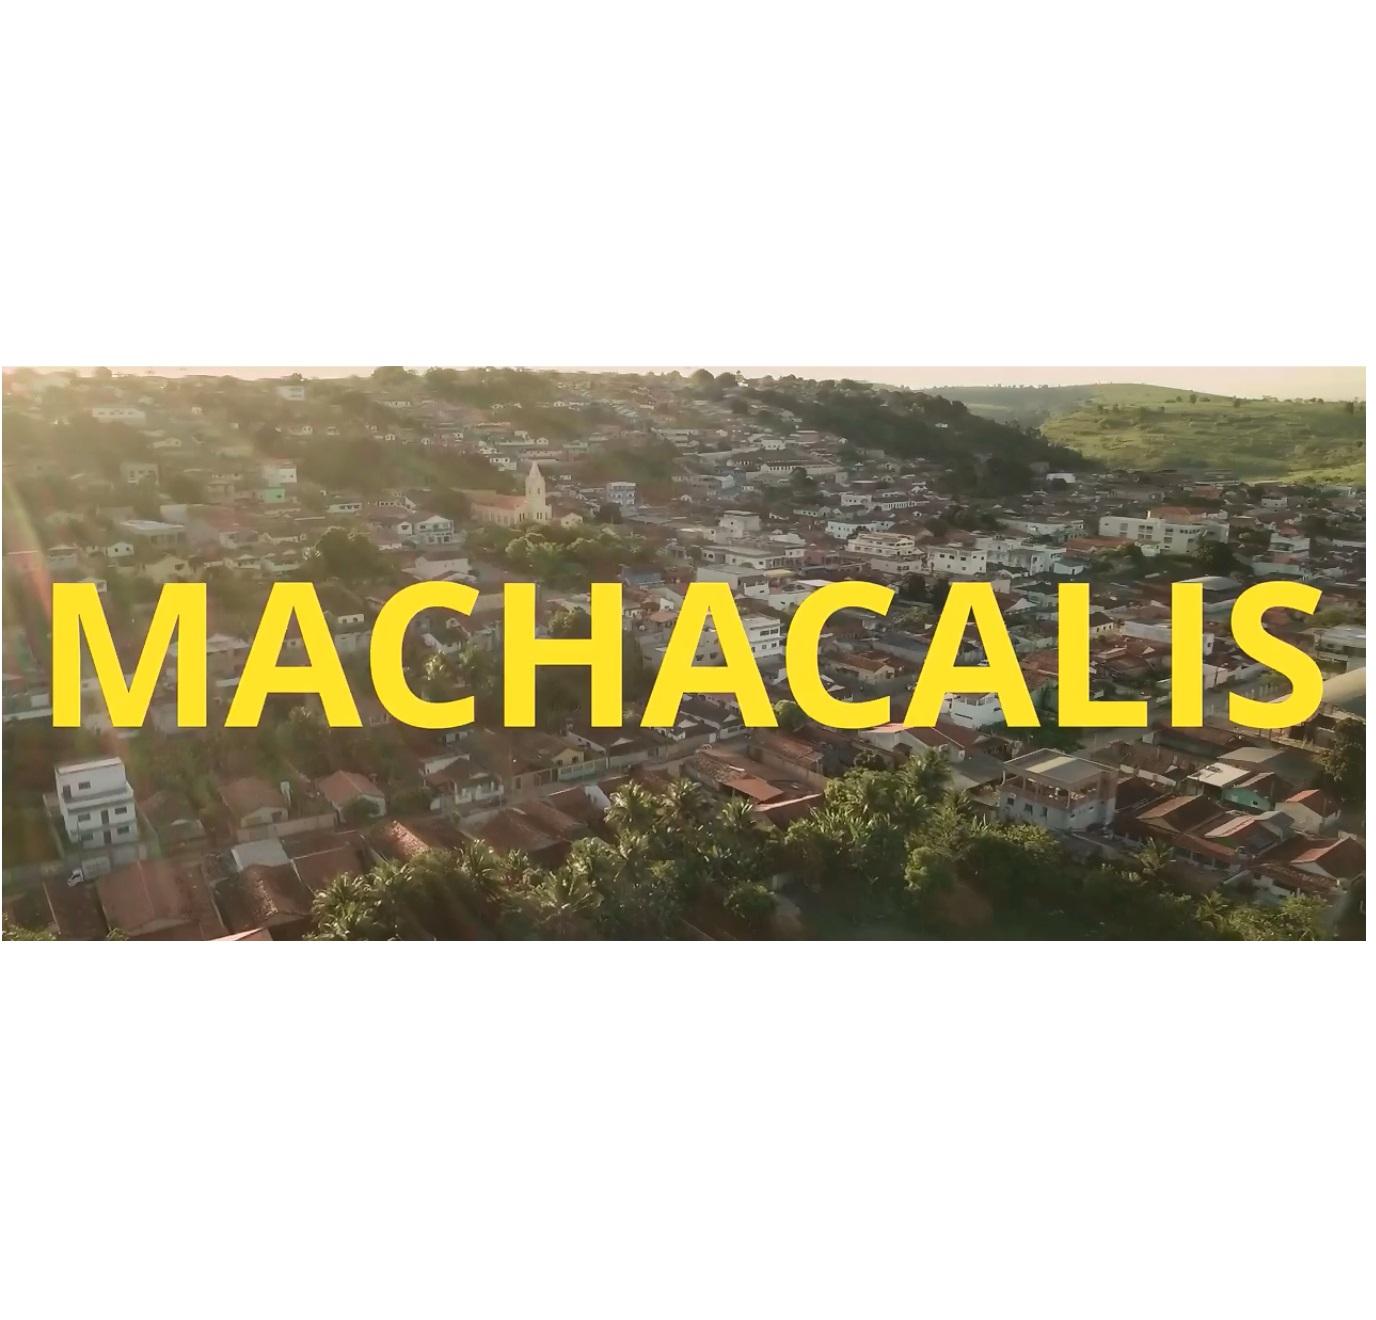 VÍDEO INSTITUCIONAL DA PREFEITURA DE MACHACALIS